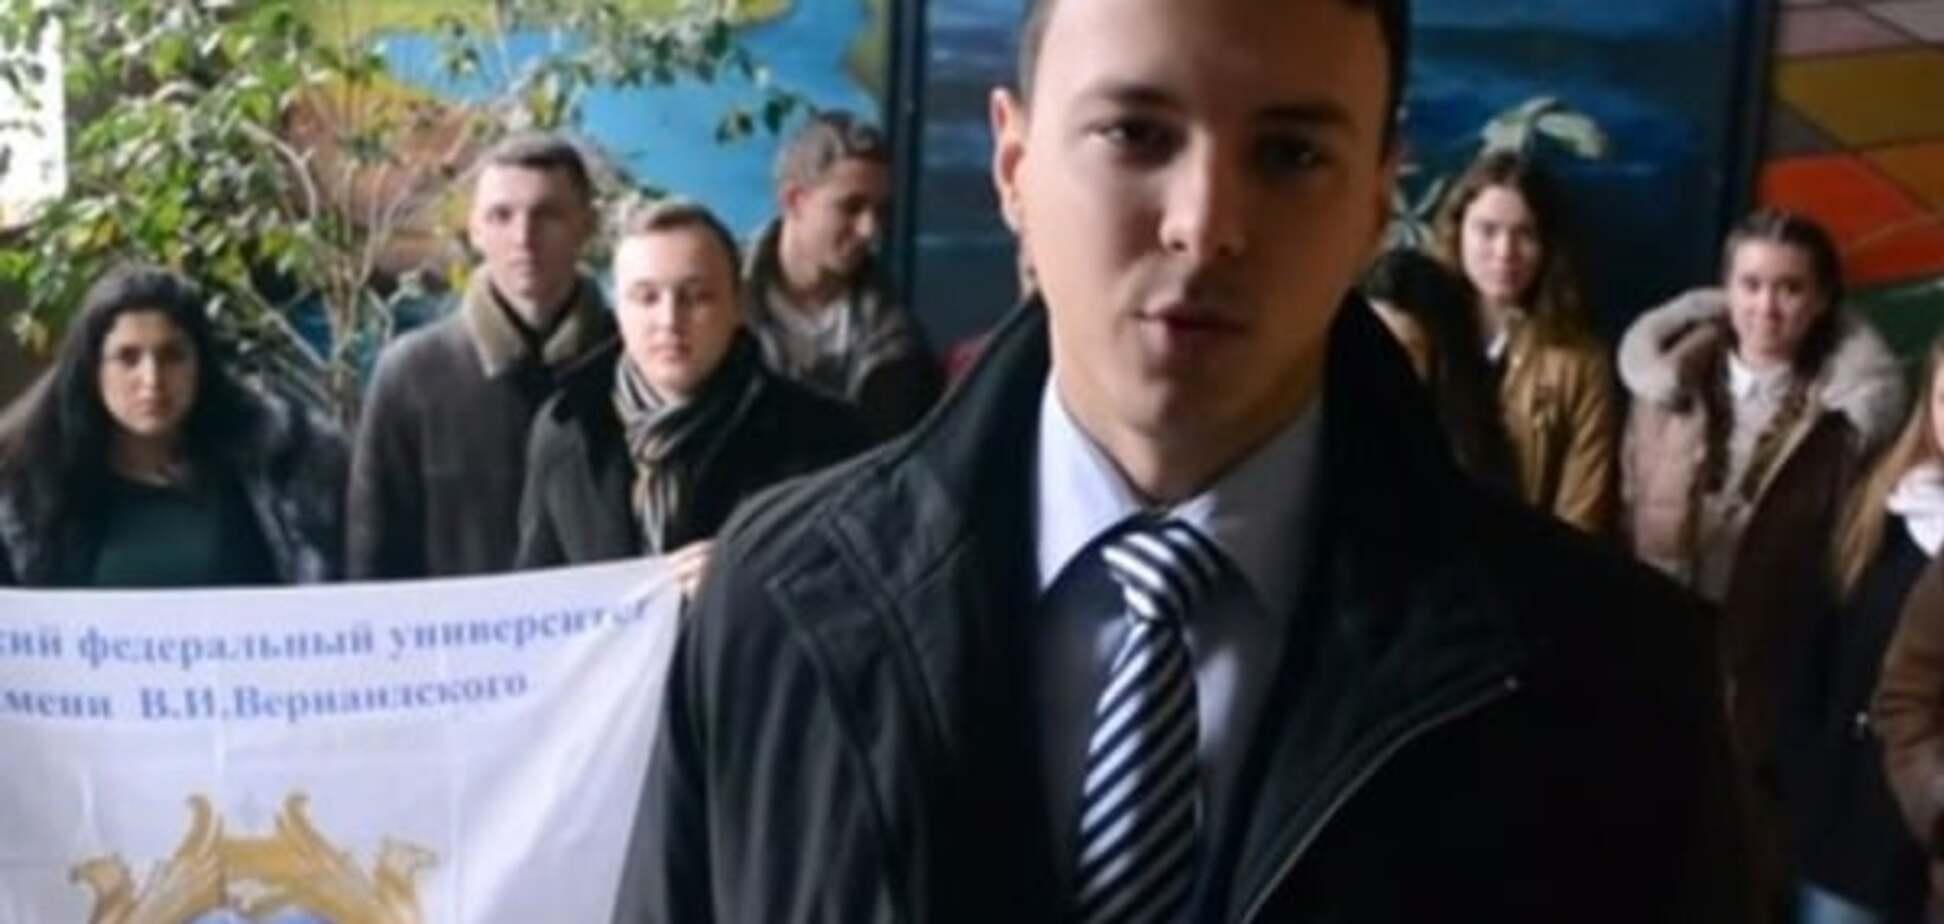 'Нехай Вернандський Обаму і судить': російські студенти 'забули' назву свого вузу. Фотофакт